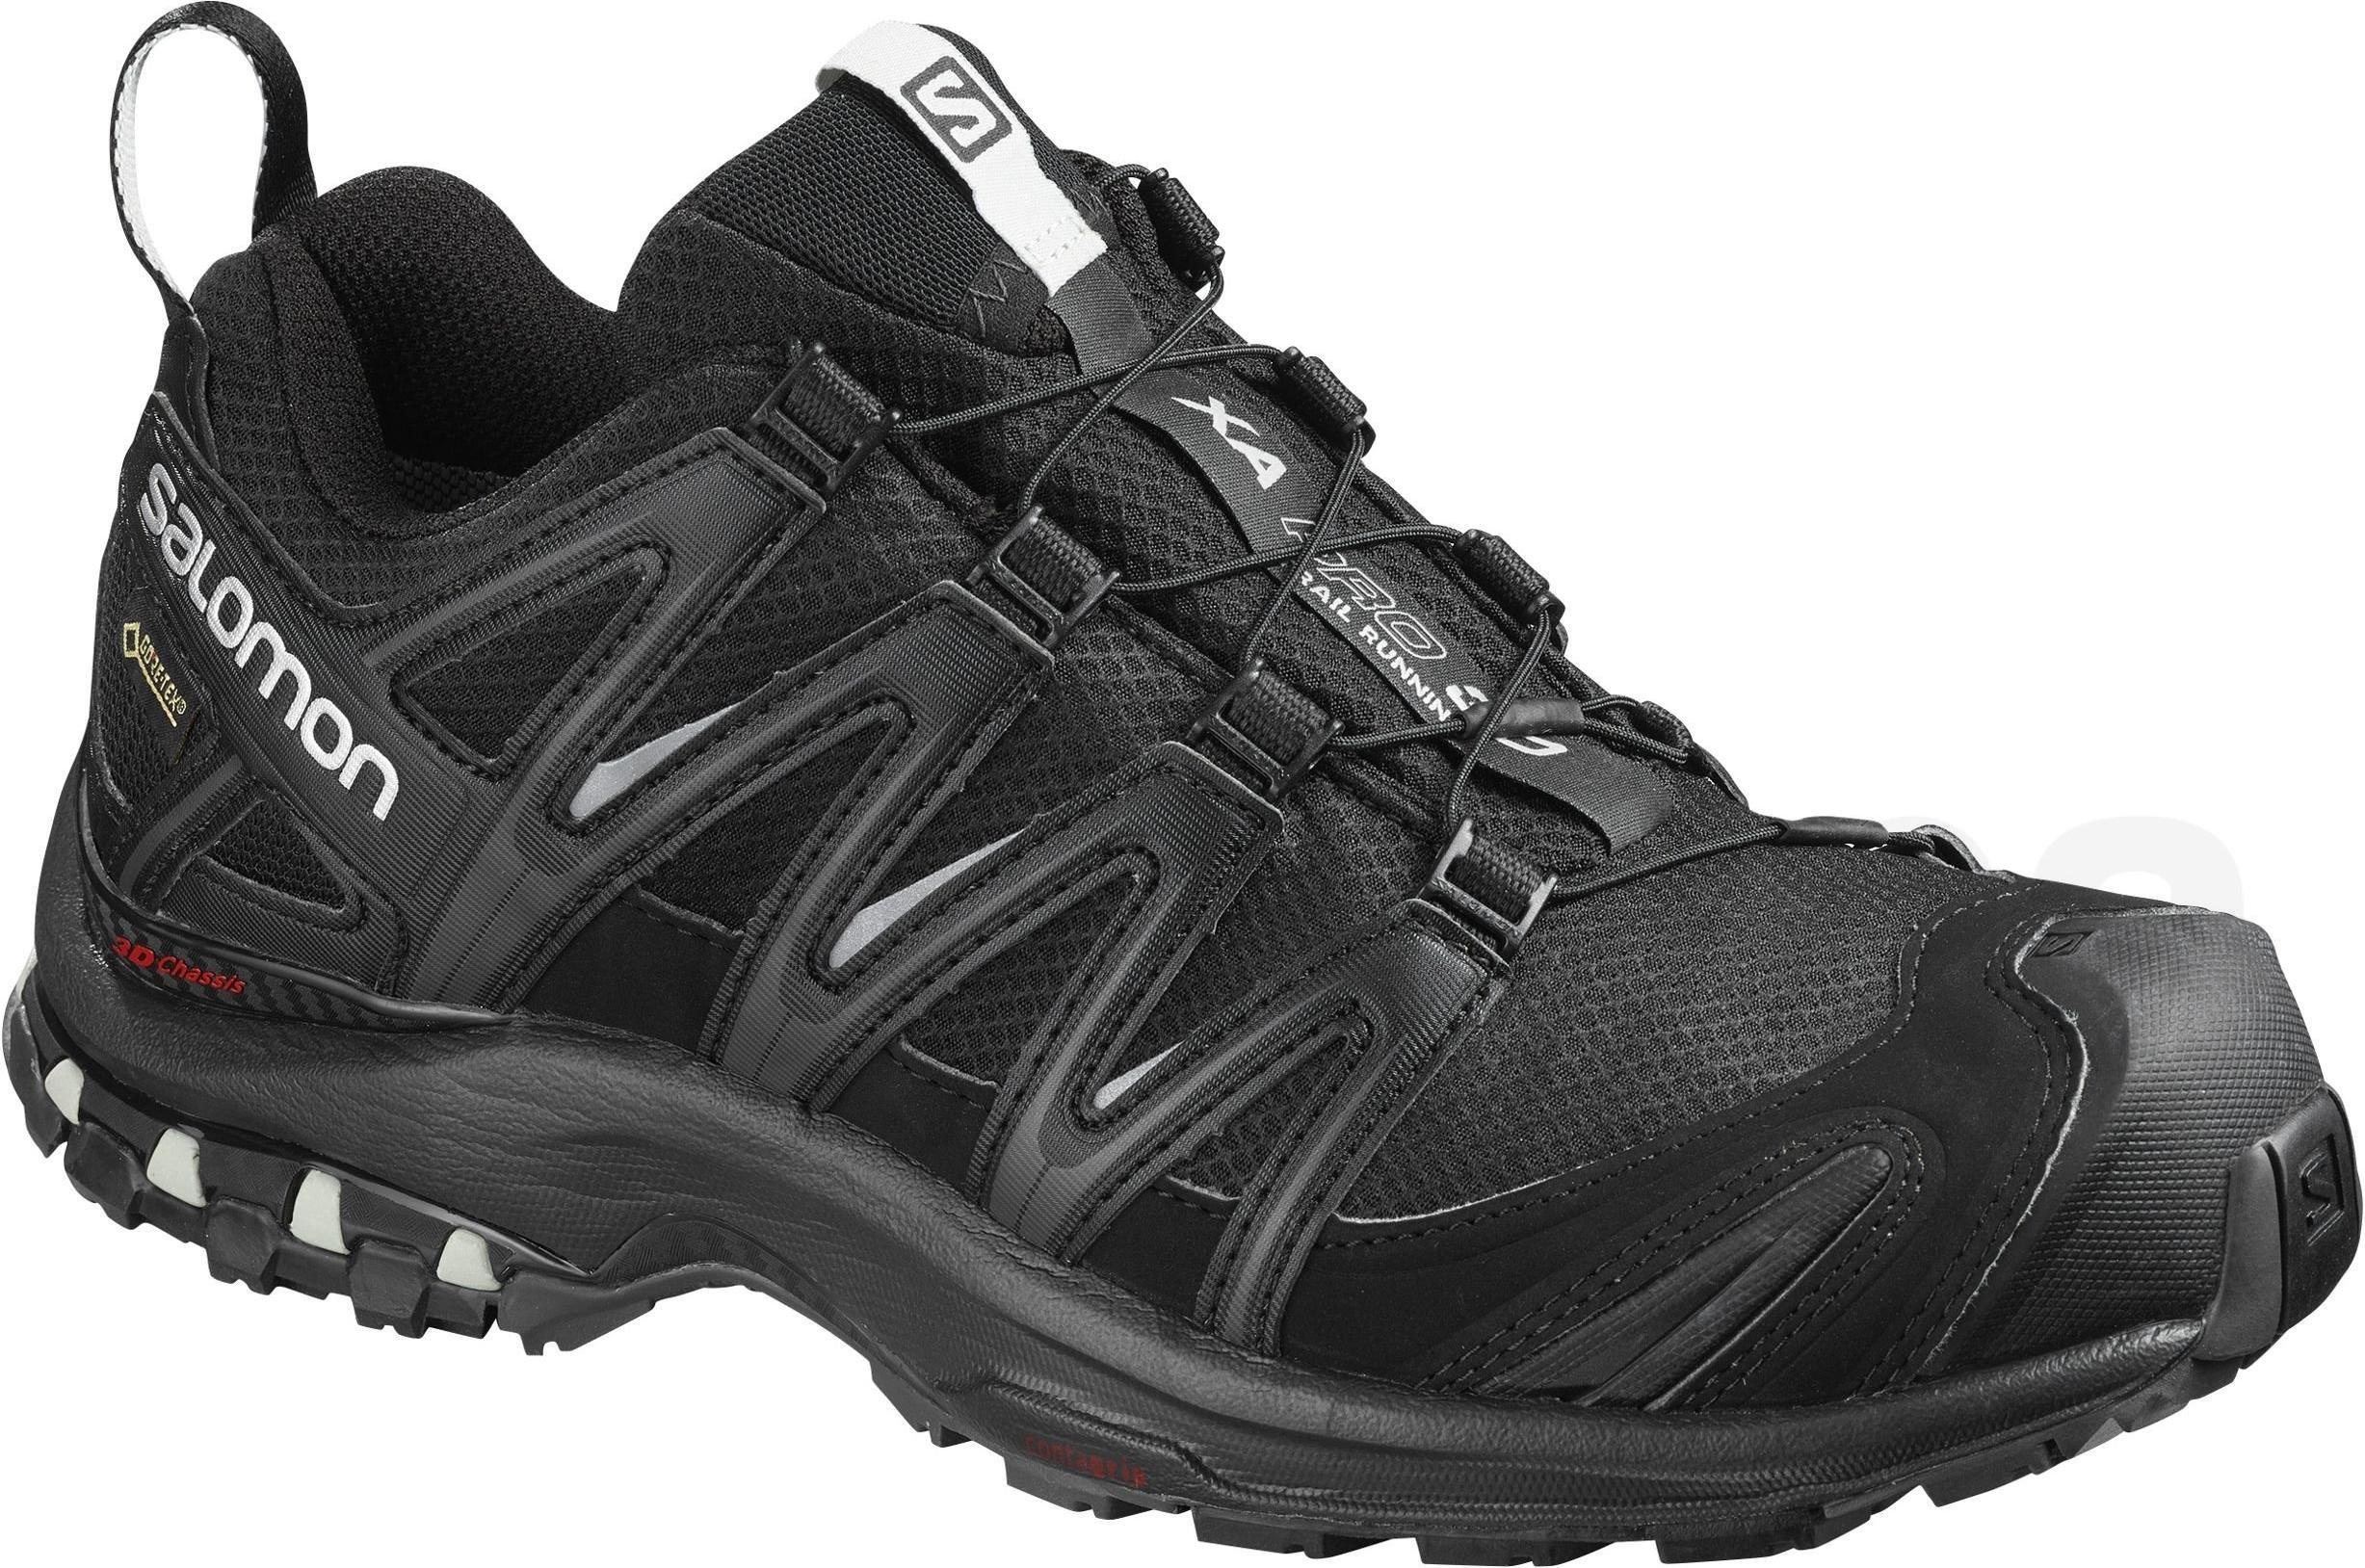 Trailové topánky Salomon XA PRO 3D GTX W l39332900 Veľkosť 36,7 EU | 4 UK | 5,5 US | 22,5 CM